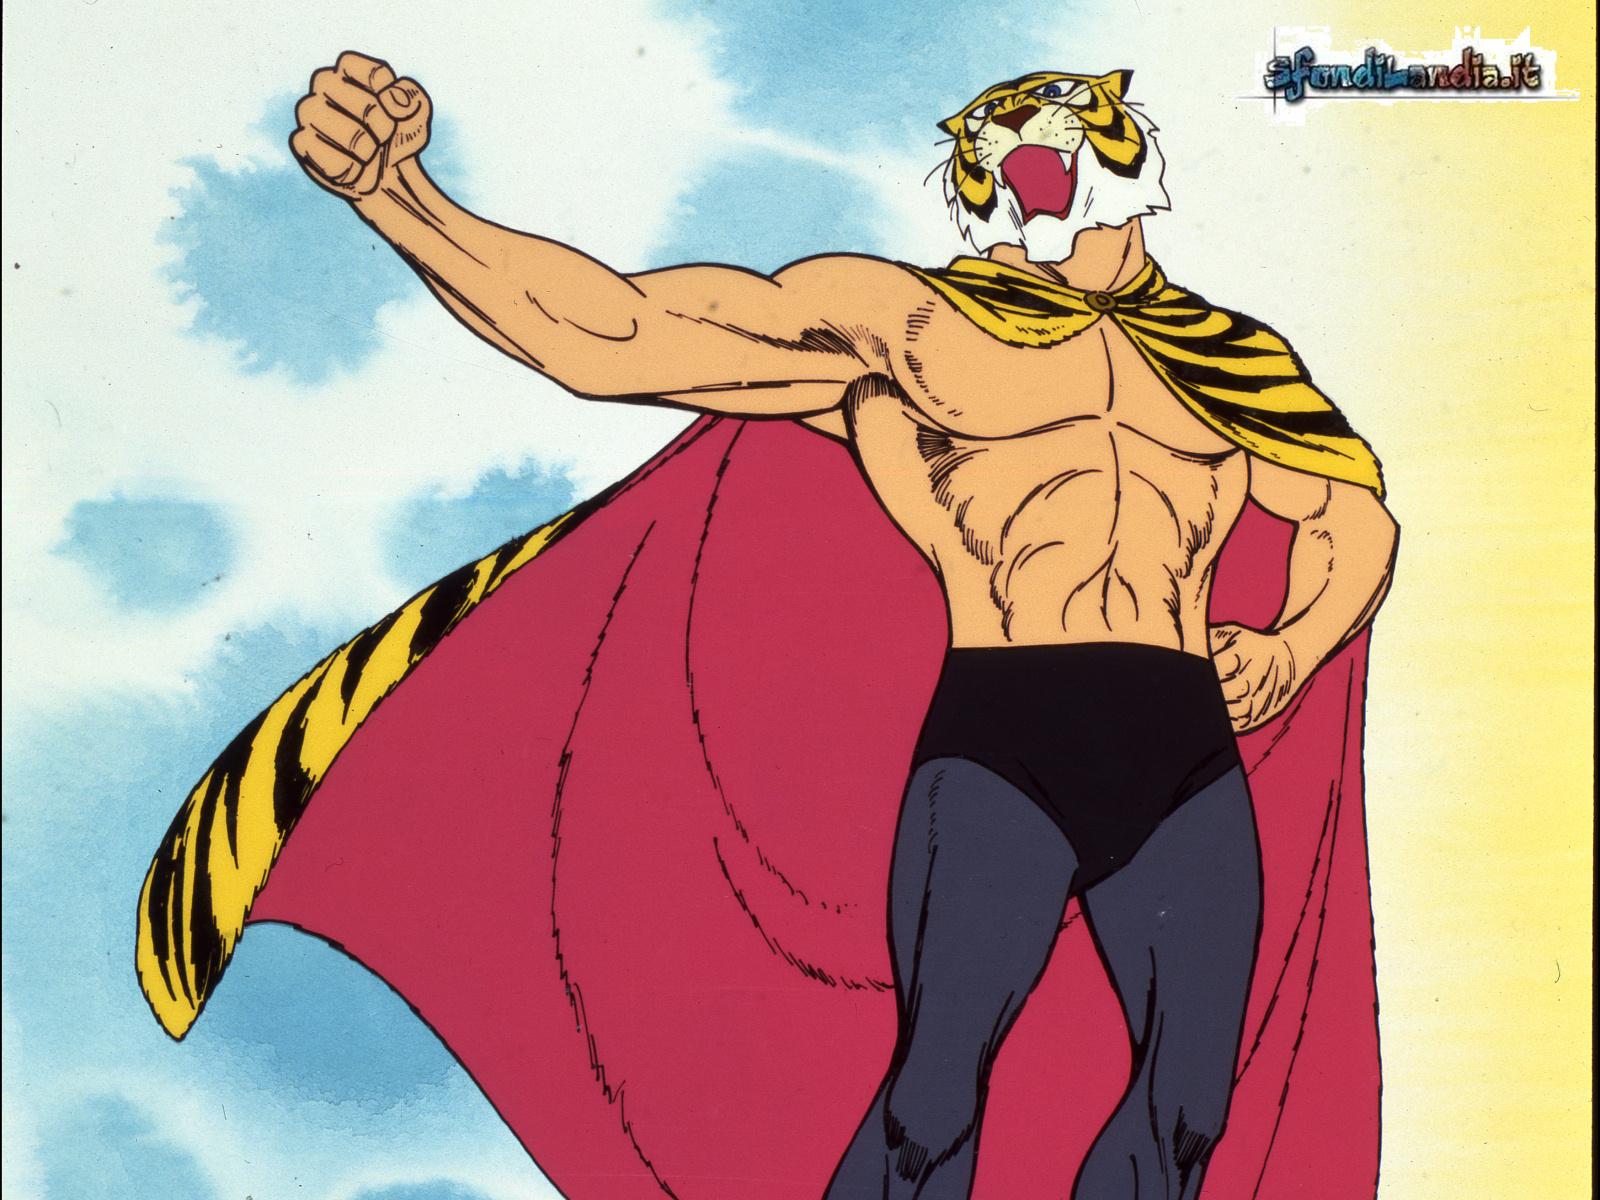 Sfondilandia sfondo gratis di tigerman per desktop